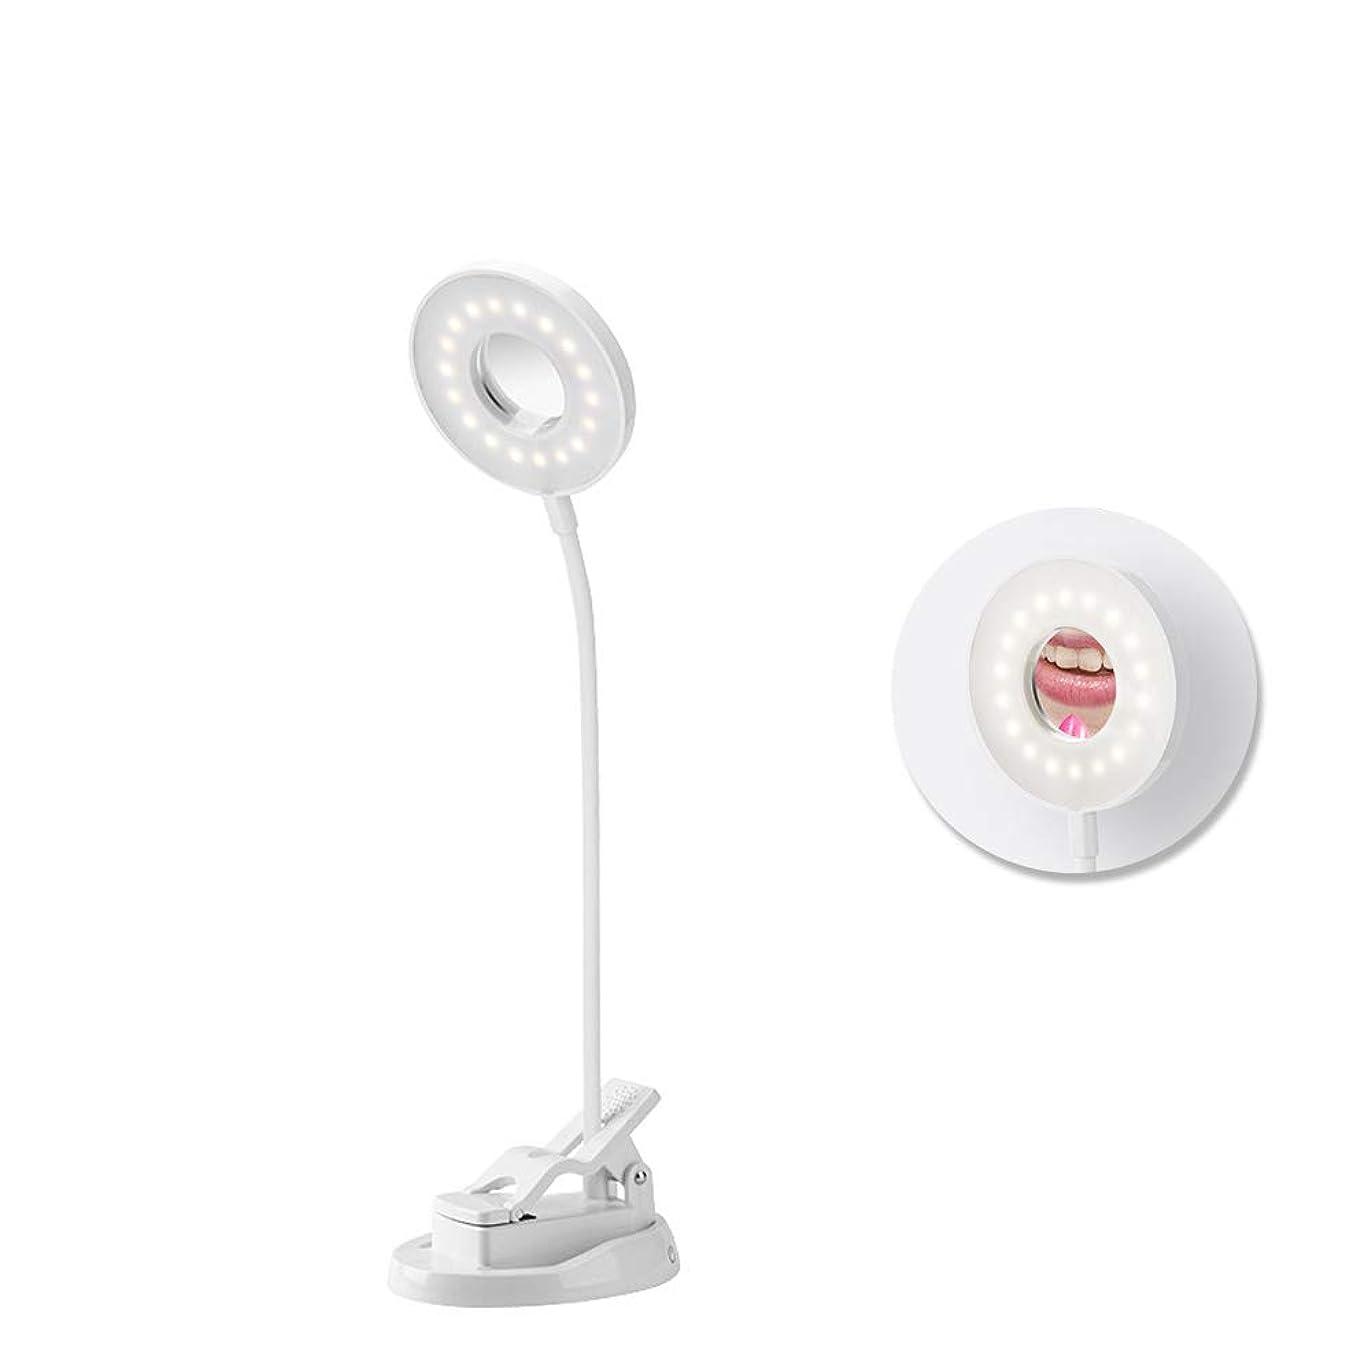 太鼓腹絶望的なしてはいけない化粧鏡 LED付き女優ミラー 卓上スタンド タッチスイッチ調光可 360度回転LEDデスクライト